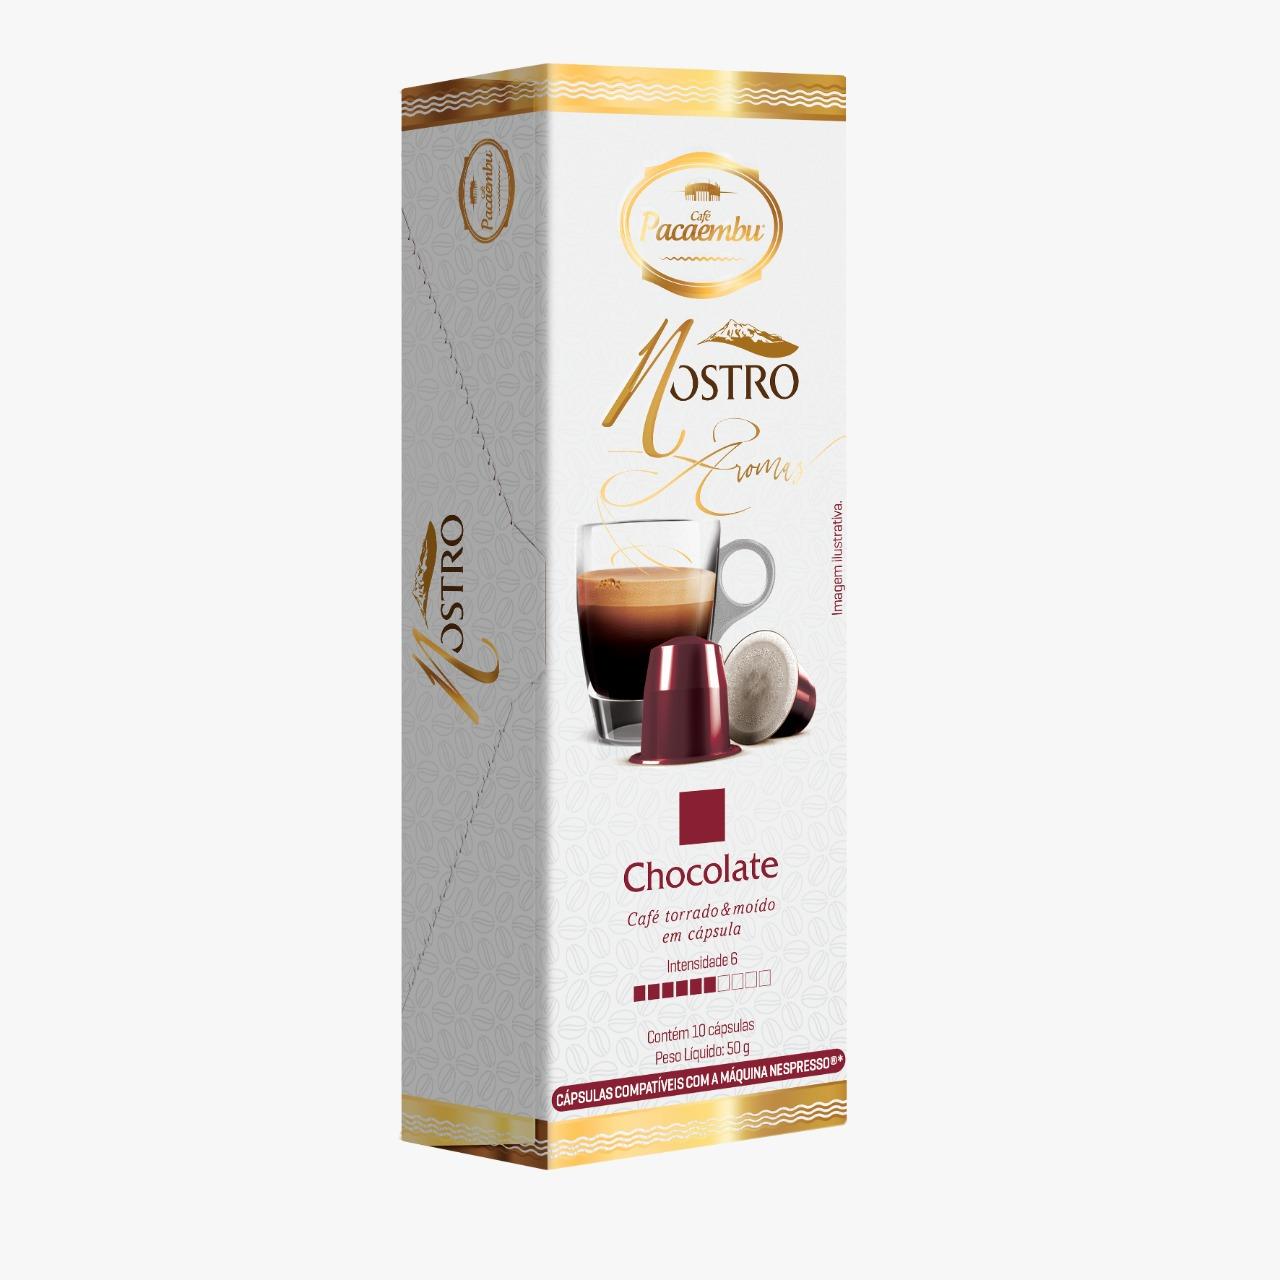 Aroma Chocolate Pacaembu